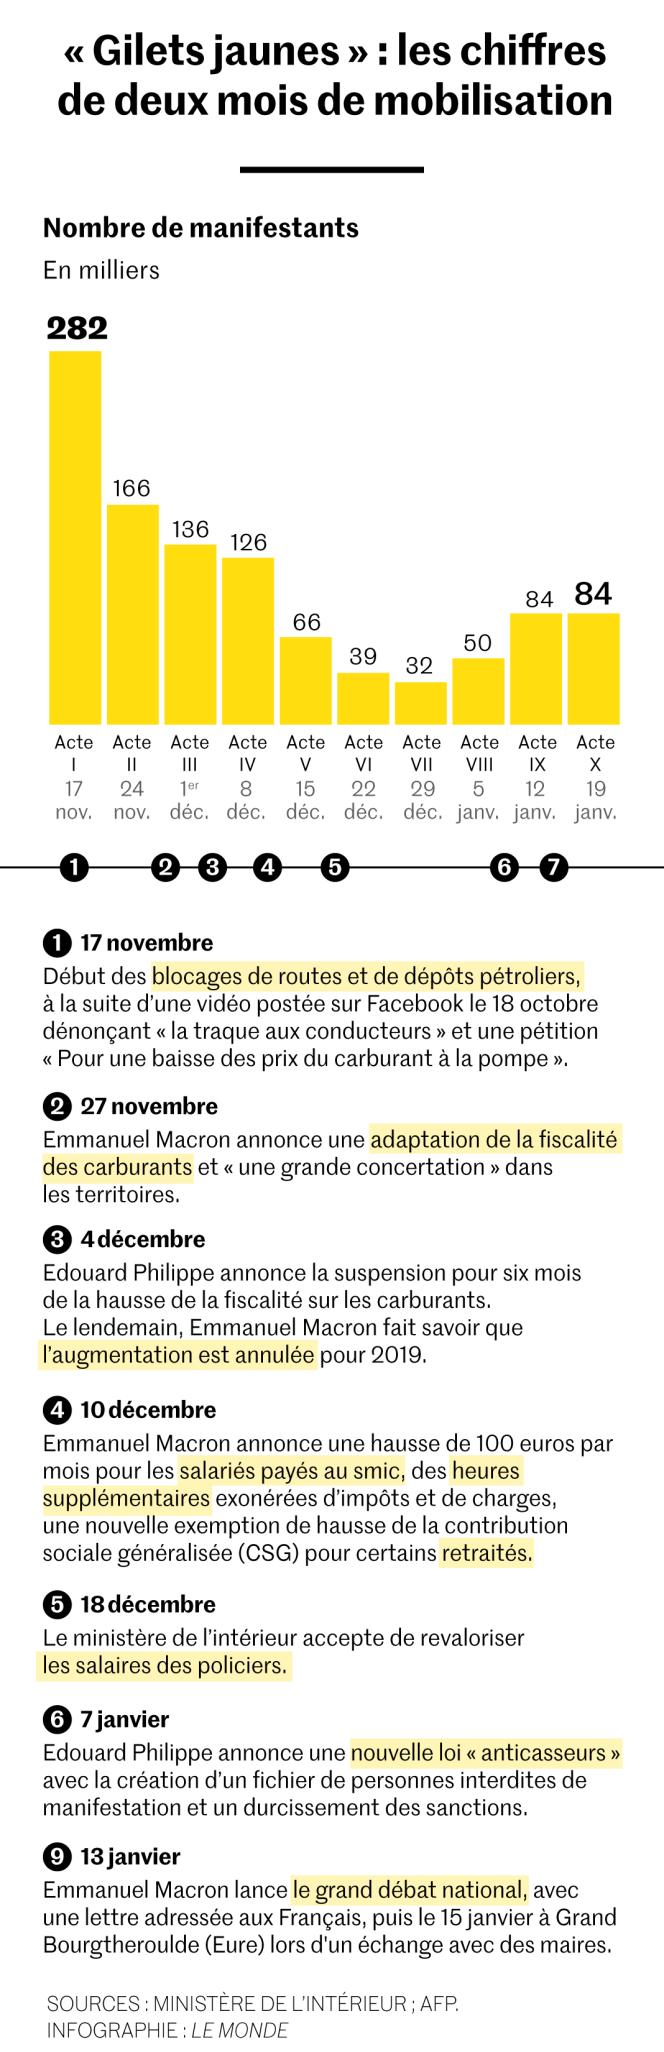 Evolution de la mobilisation des« gilets jaunes» chaque samedi depuis le 17 novembre 2018.